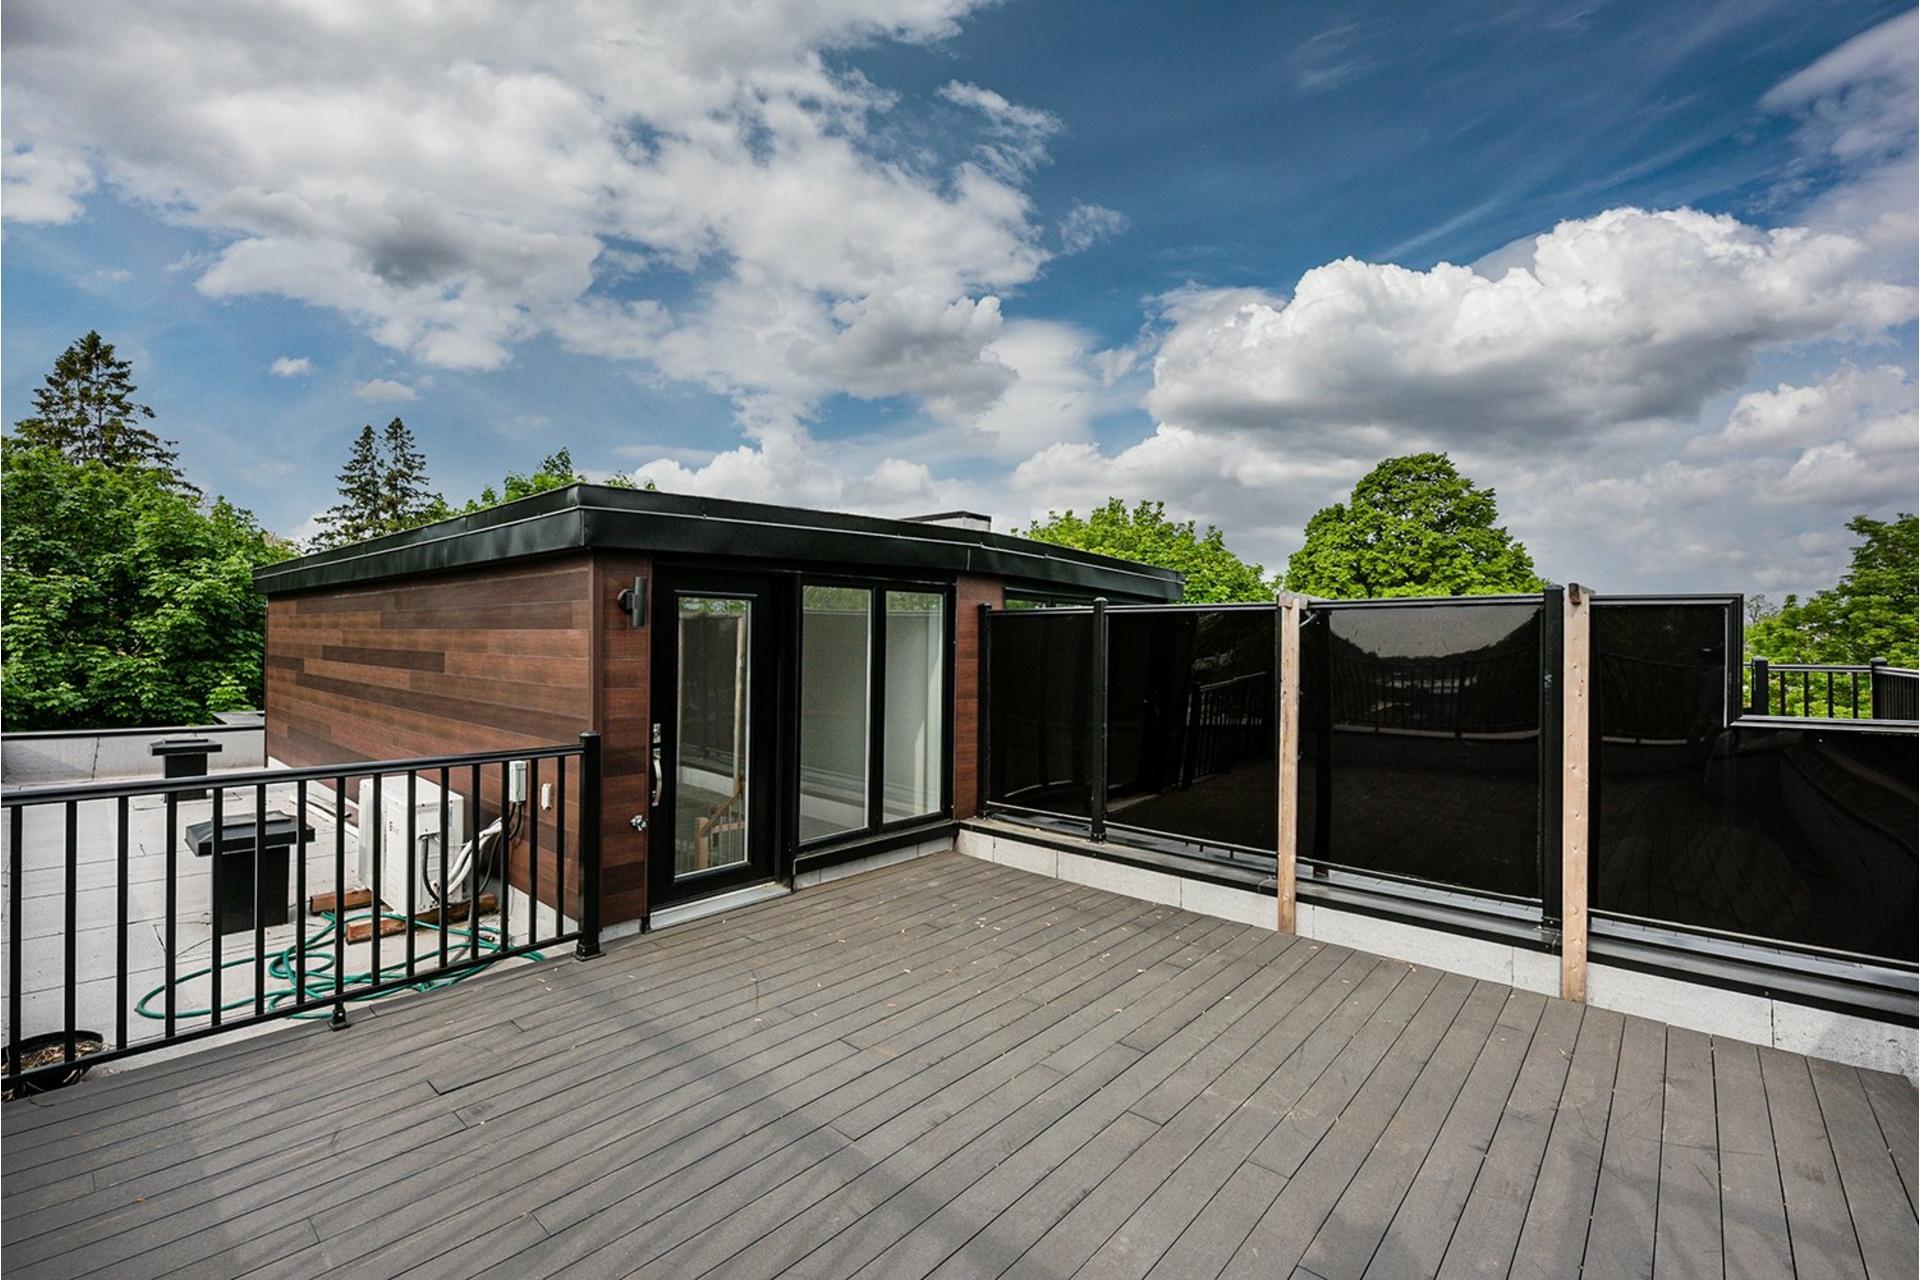 image 22 - Triplex For sale Mercier/Hochelaga-Maisonneuve Montréal  - 4 rooms